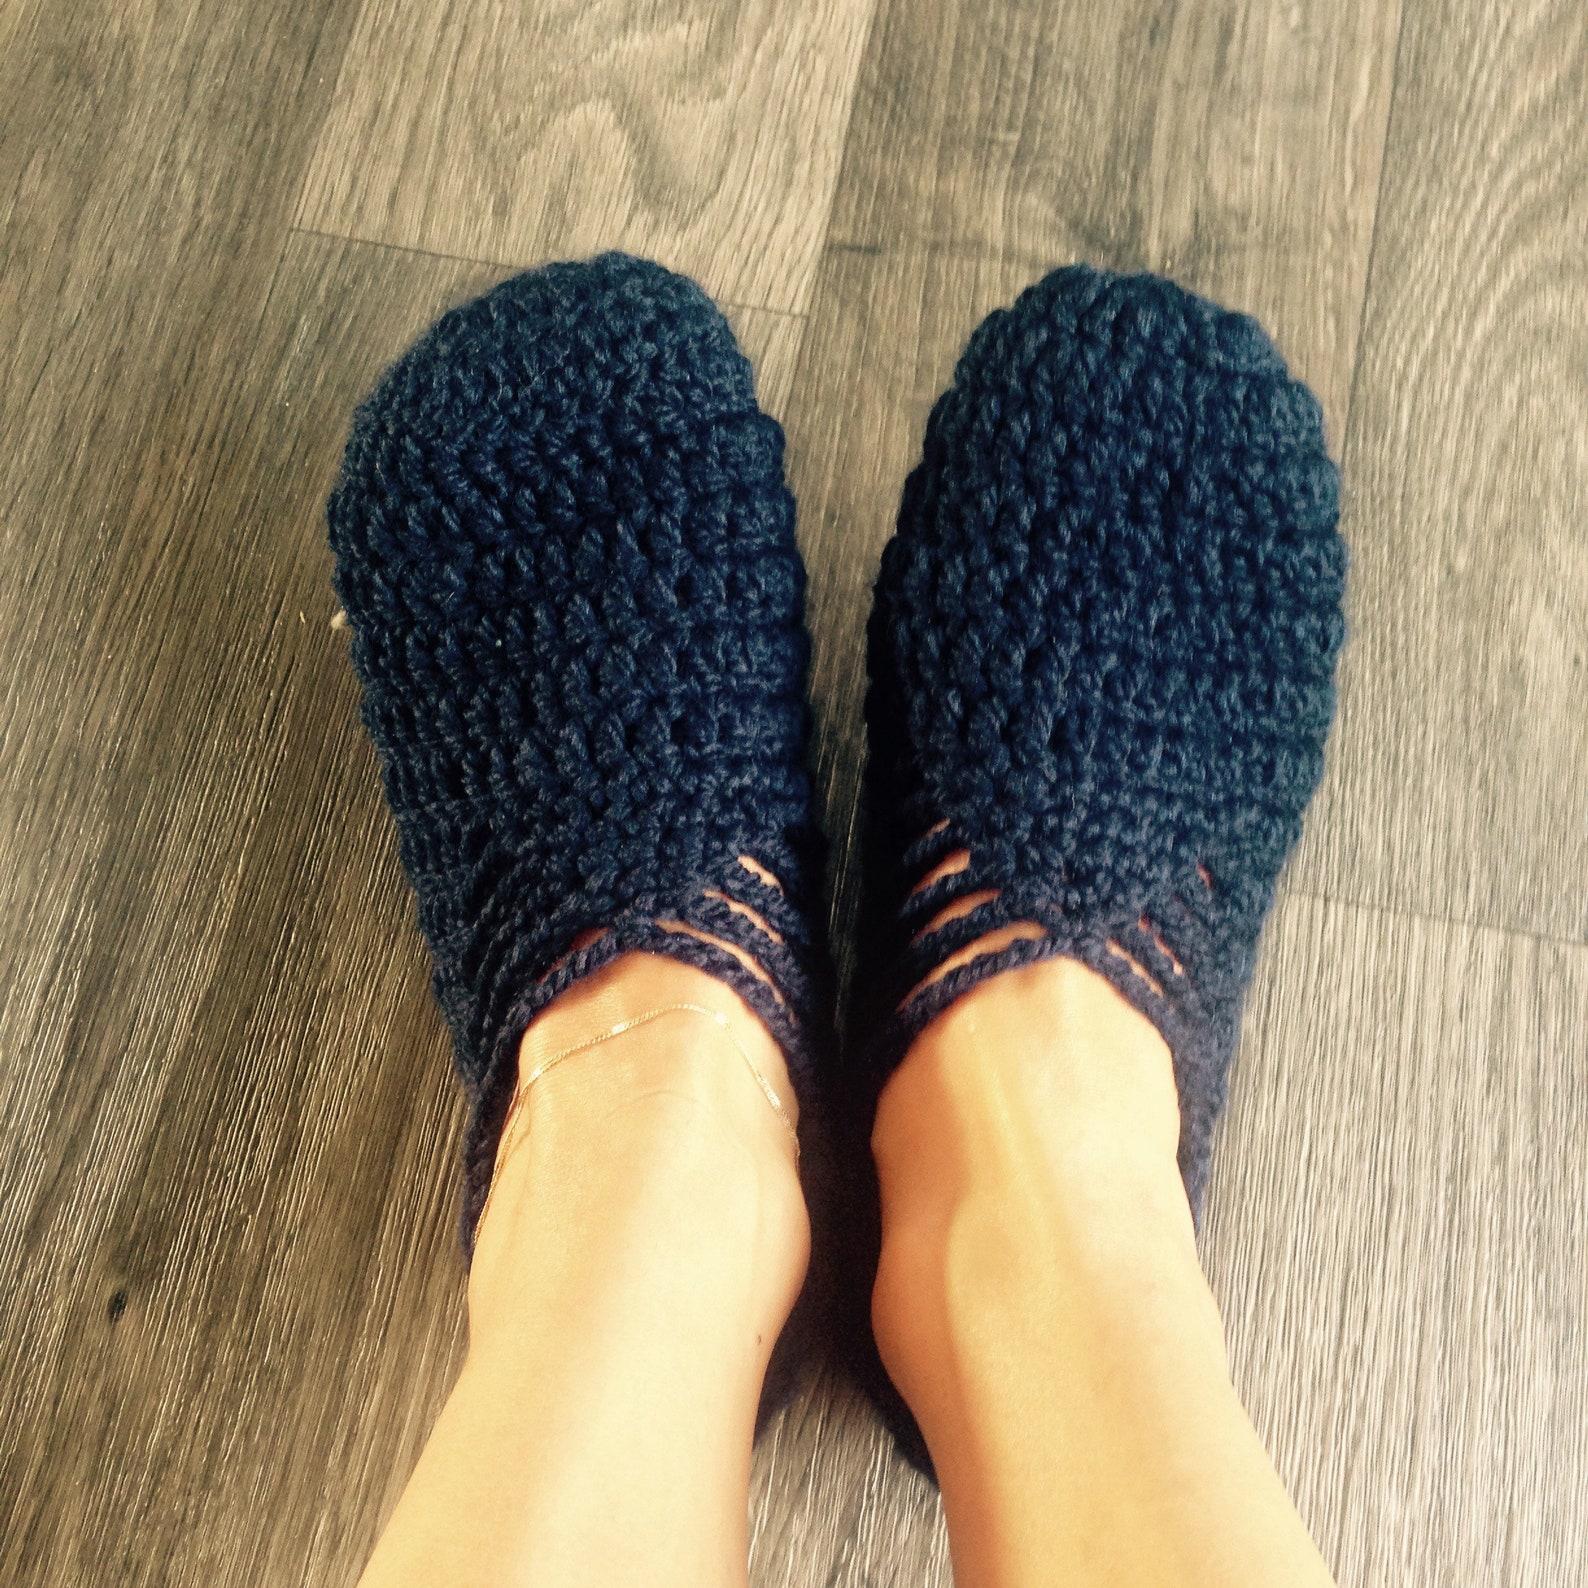 ballet style slippers made crochet